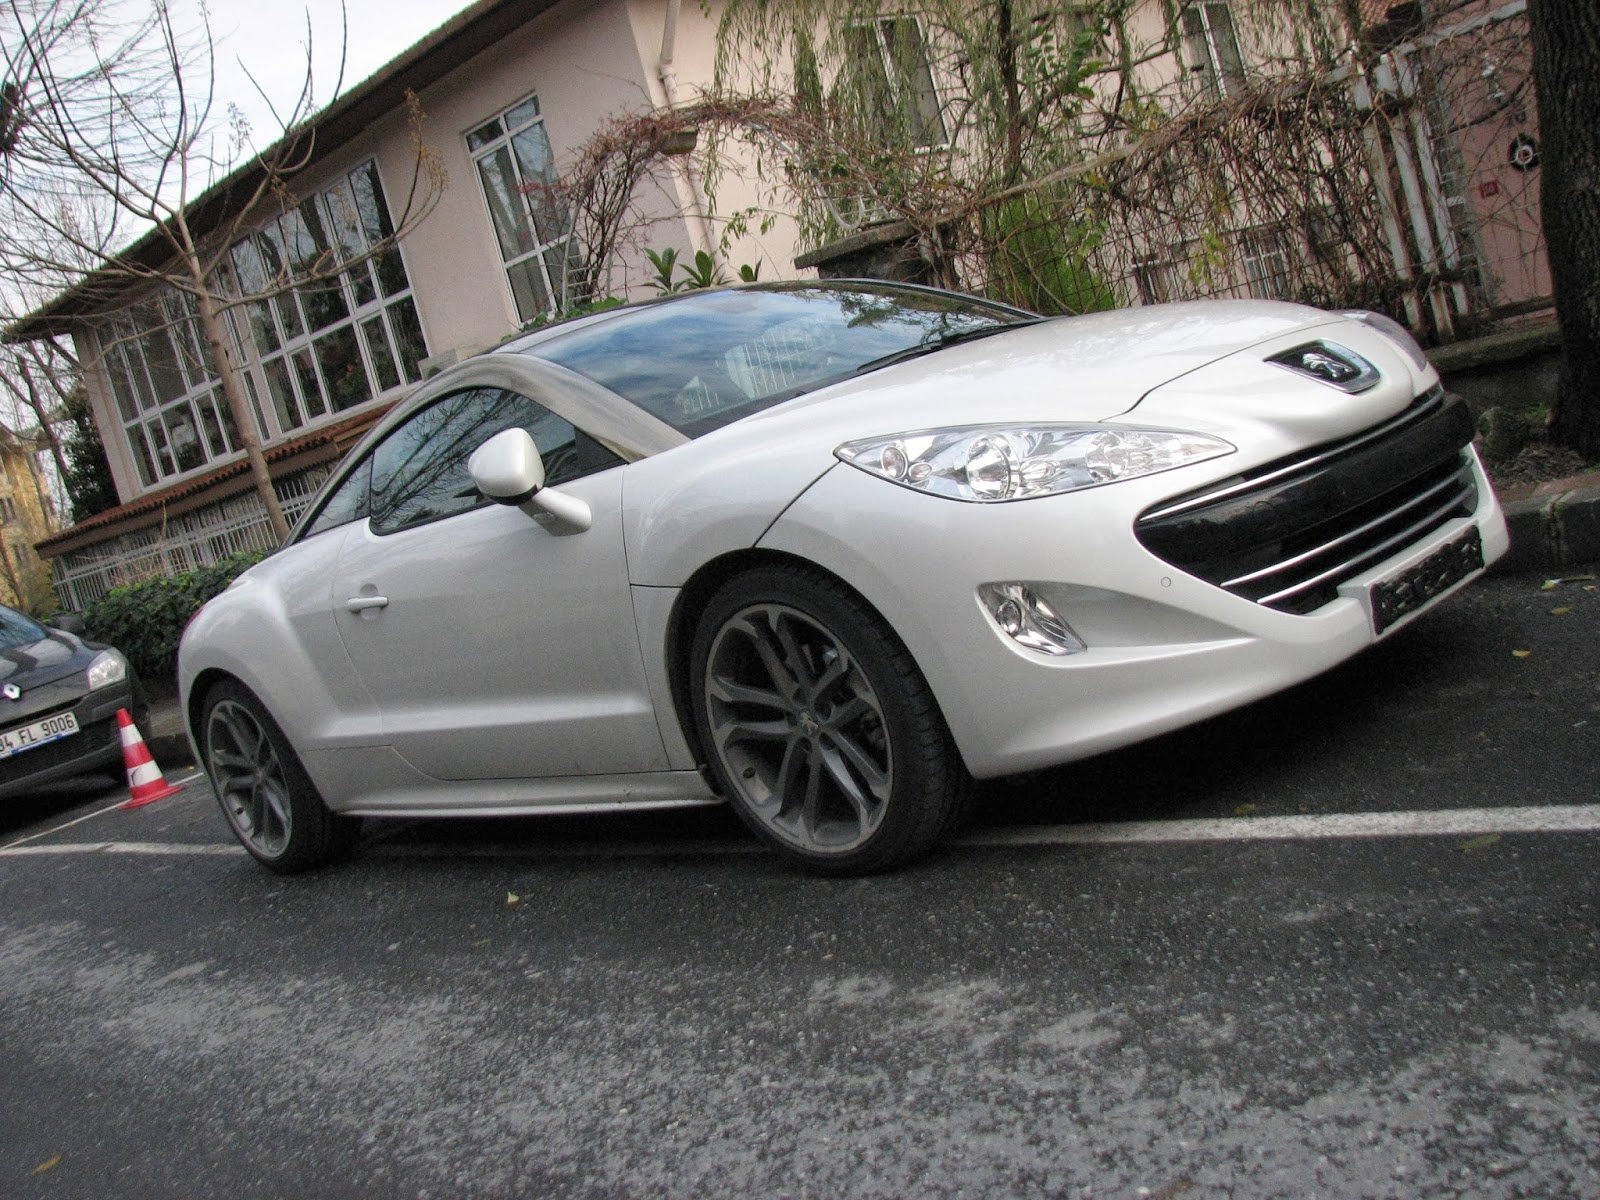 Otomobil Gurusu Peugeot Rcz Dışı Seni Yakar Içi Beni